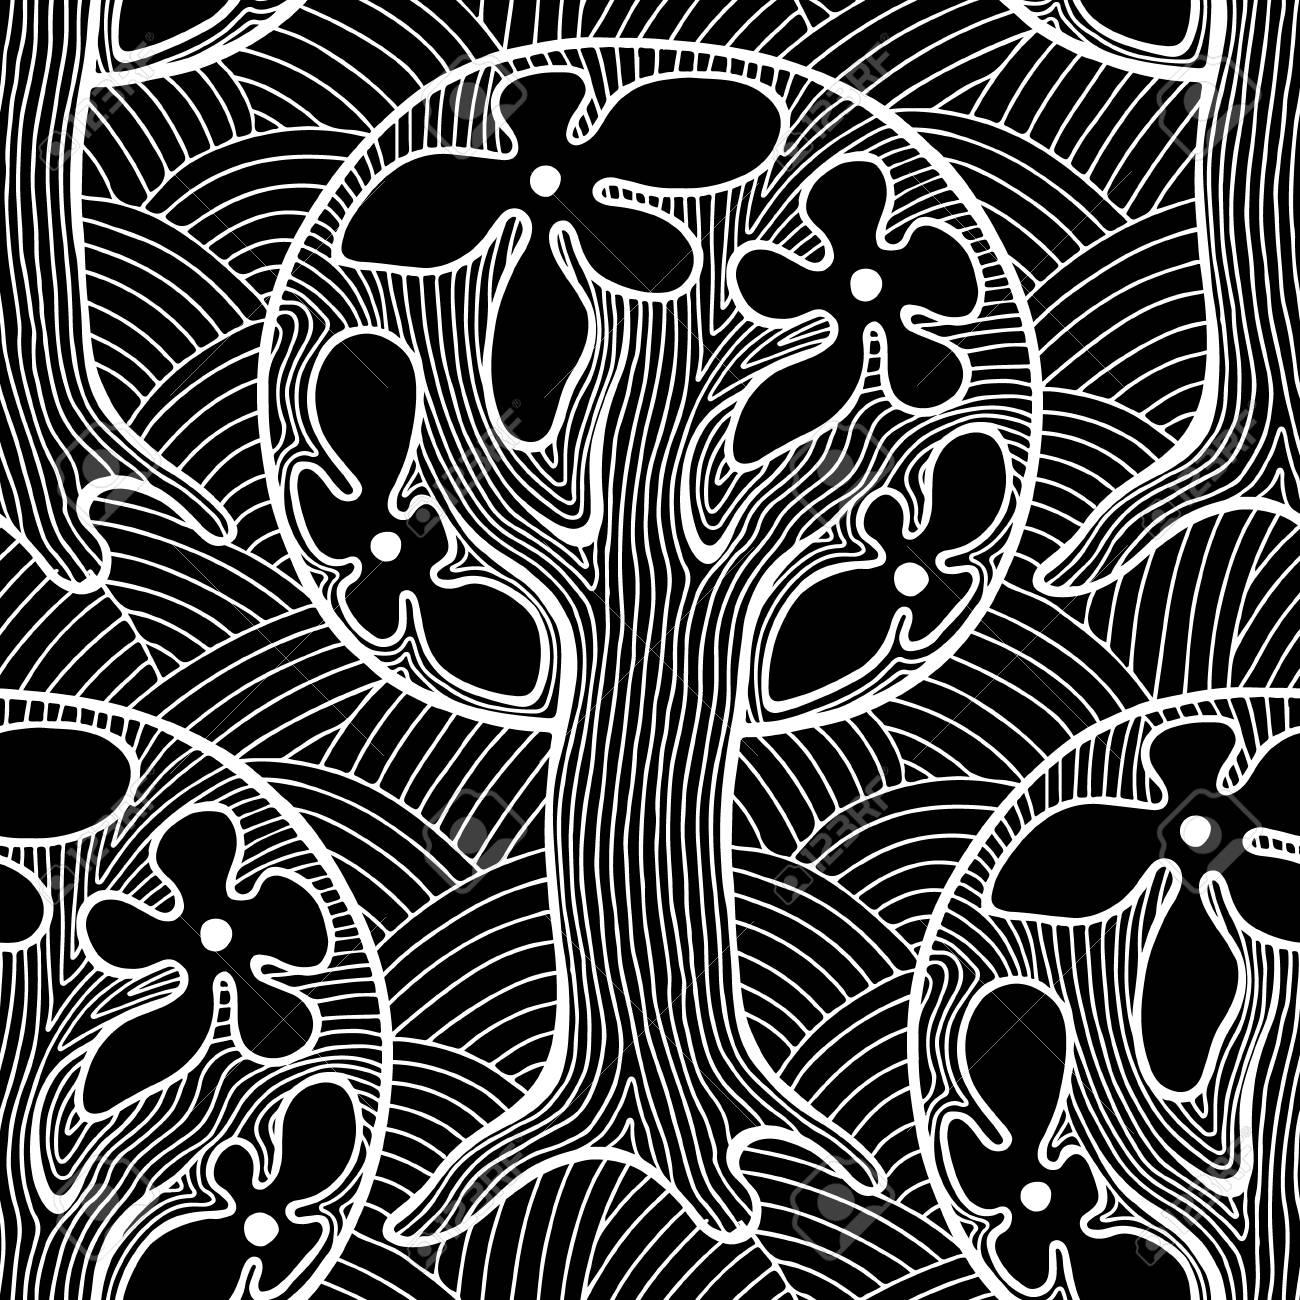 Sin Patrón Dibujado Repitiendo La Ilustración Decorativos